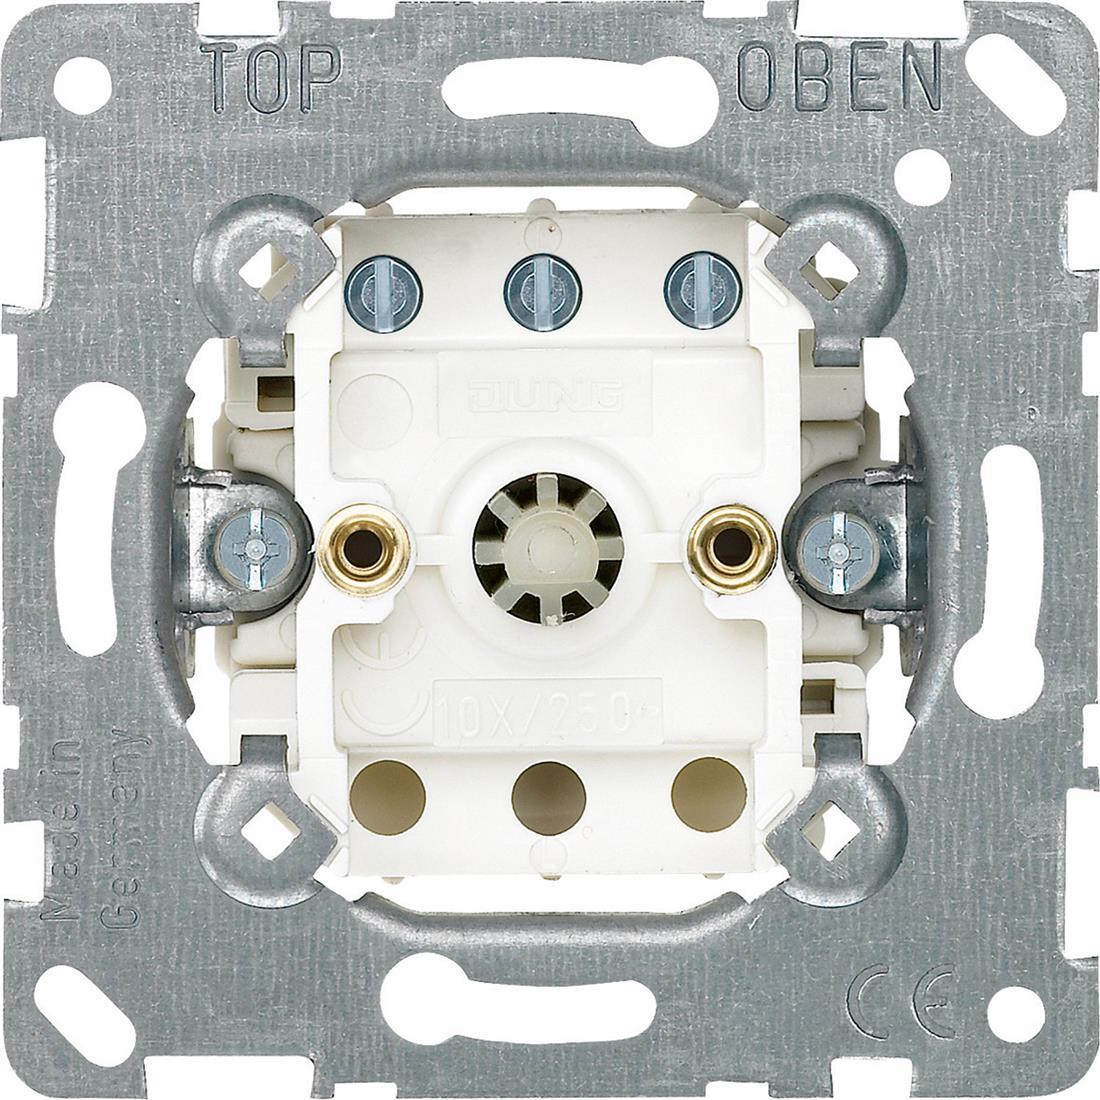 Schneider-Merten ventilatorschakelaarsokkel (MTN317100)